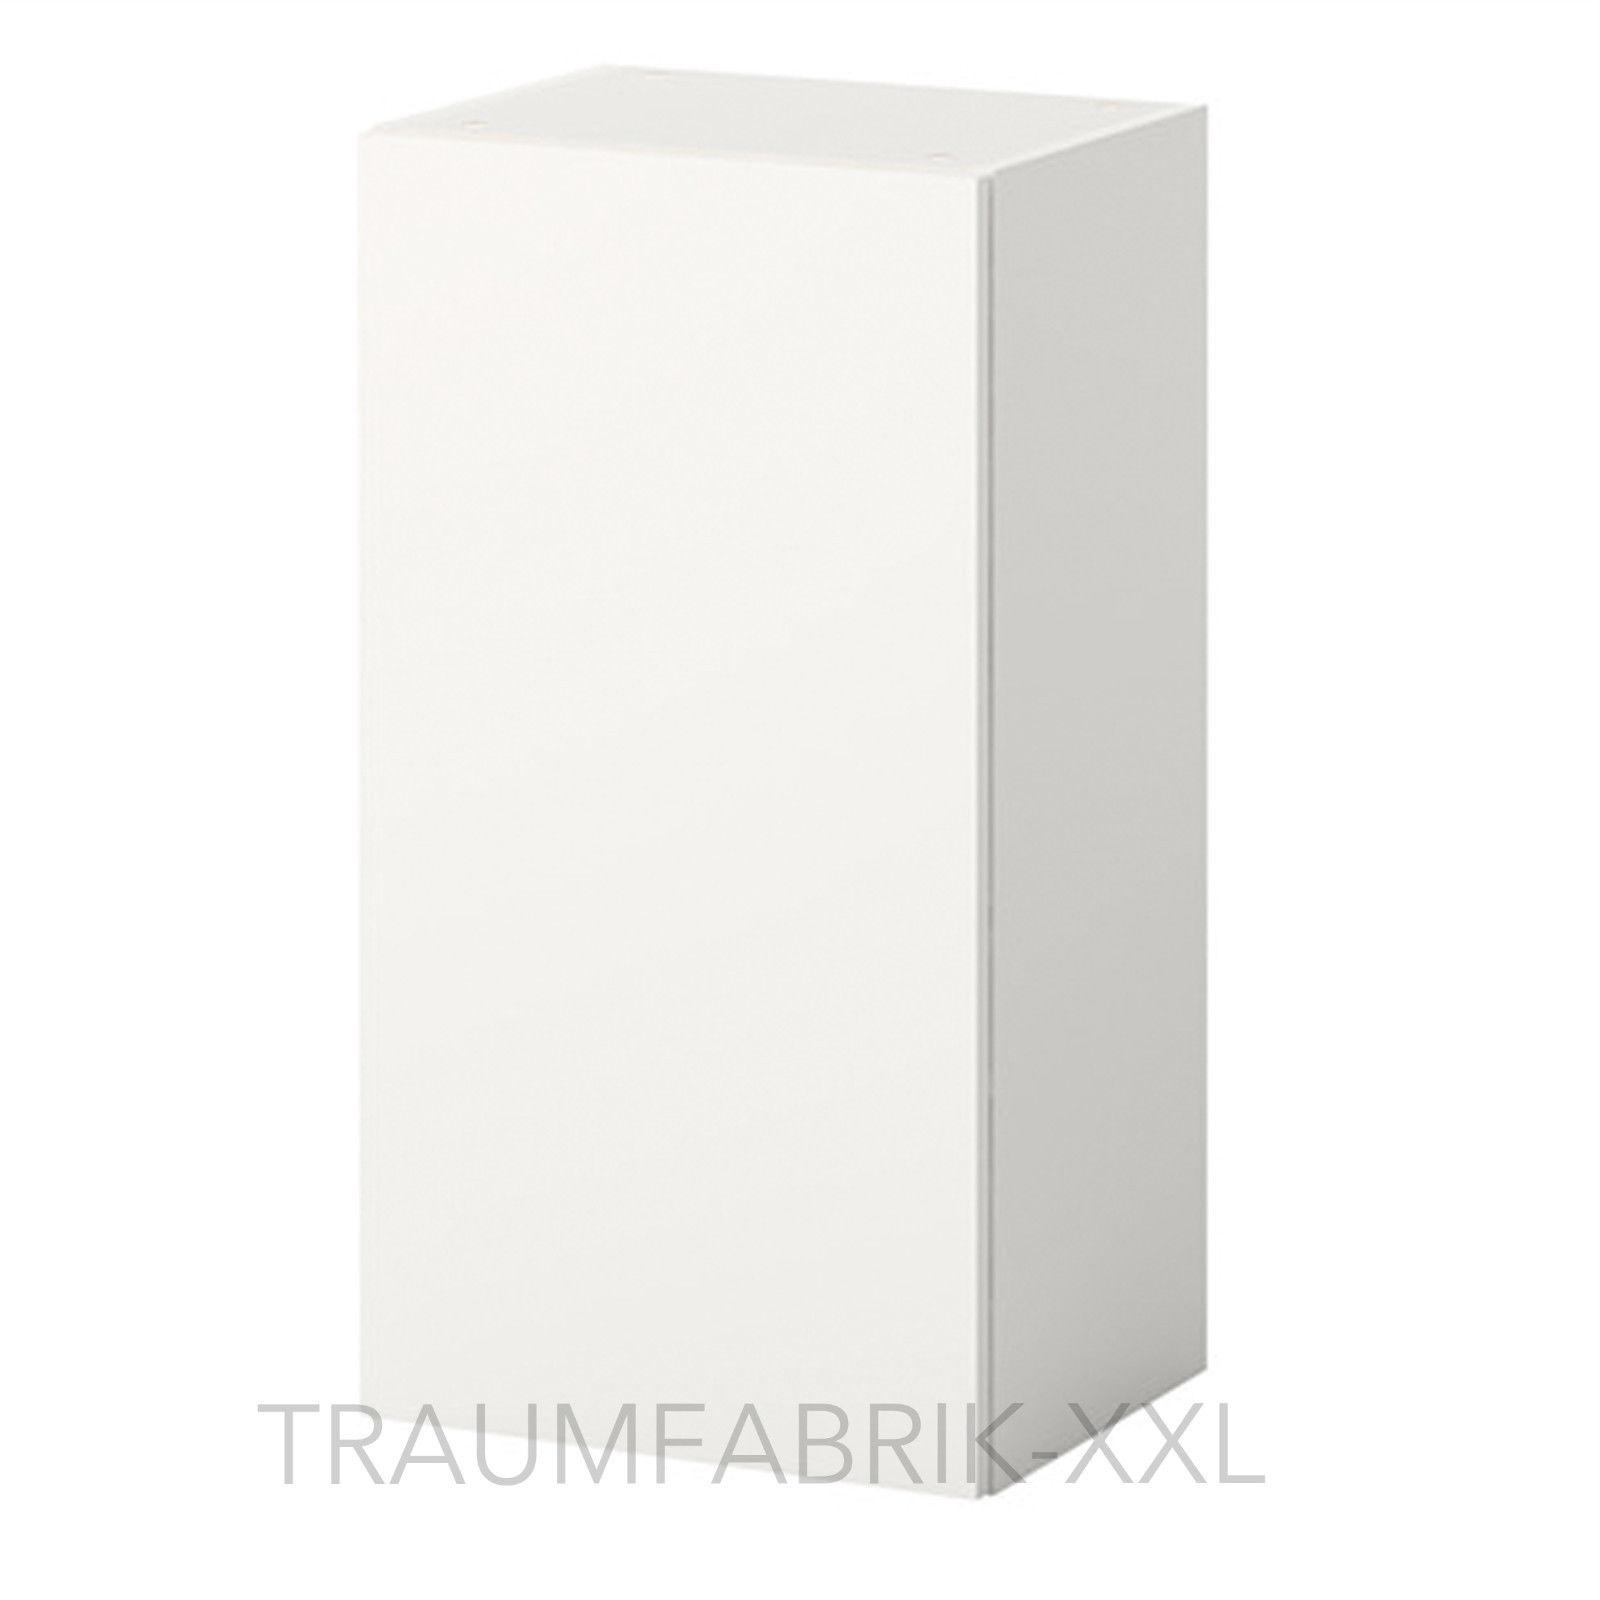 Küchenschrank weiß ikea  IKEA Wandschrank mit Tür weiß 40x31x75 cm Küchenschrank Hängeschrank ...